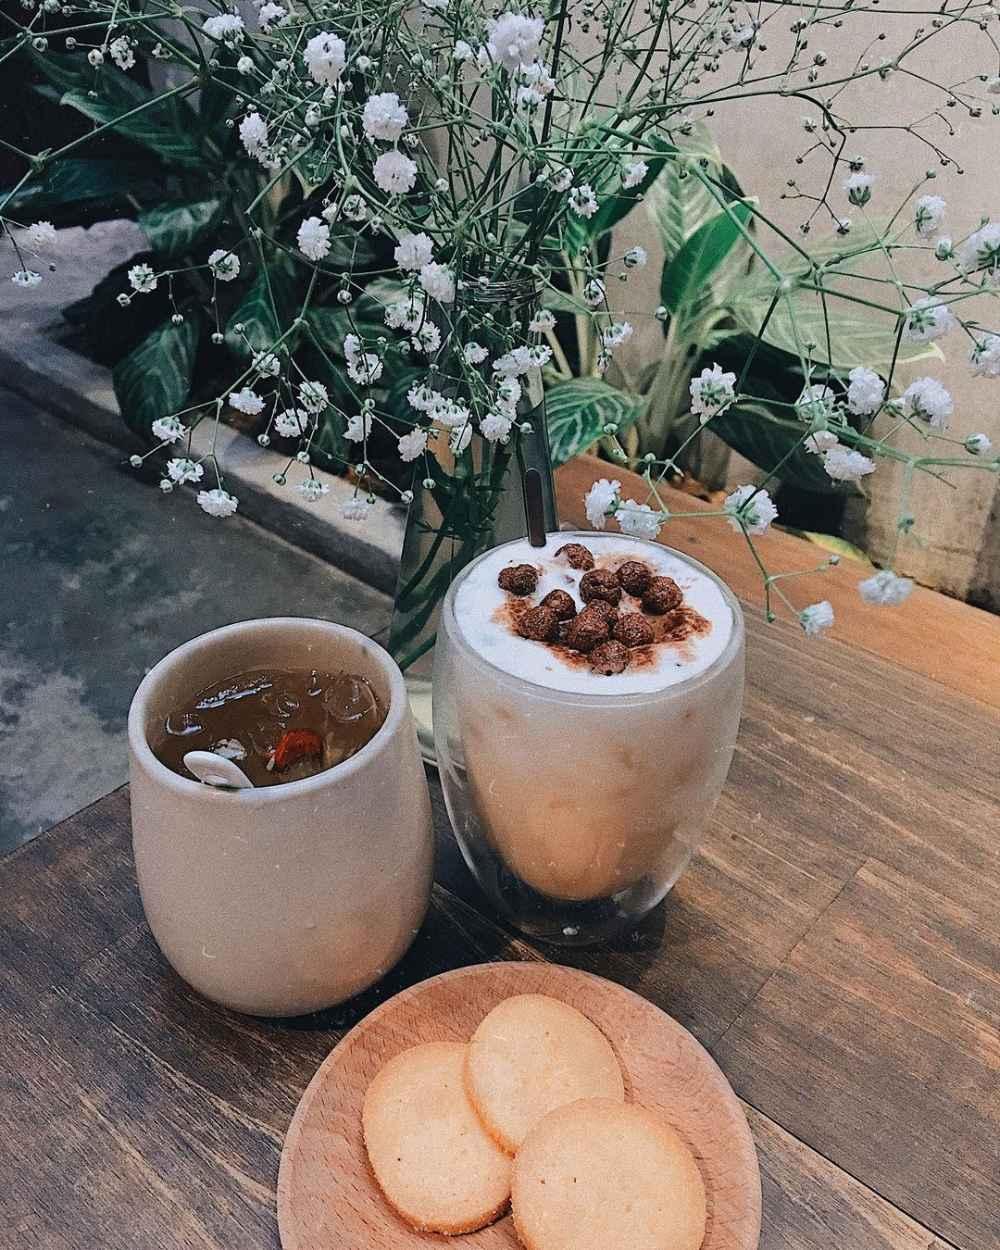 Tròn Quán - Quán cà phê phong cách Hàn Quốc ở Đà Lạt 3